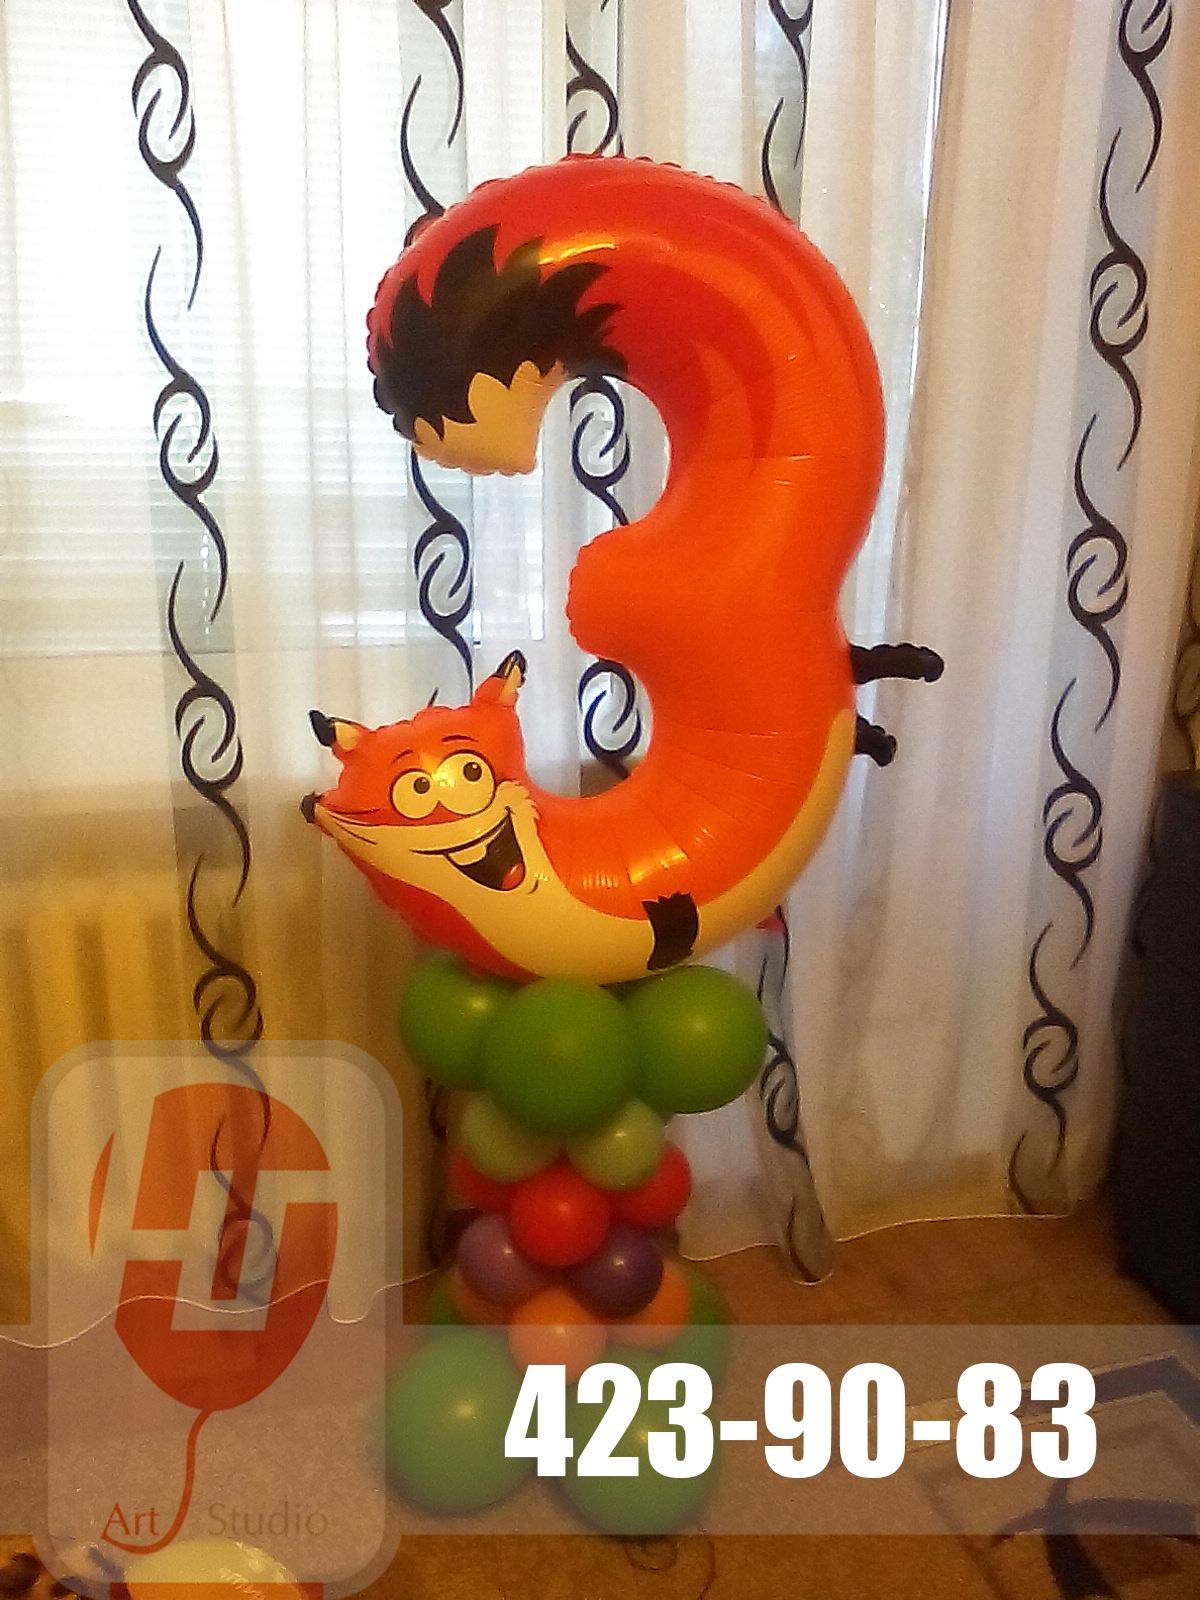 Игрушки и фигуры из воздушных шаров - Арт-студия Кавардак - Нижний ...